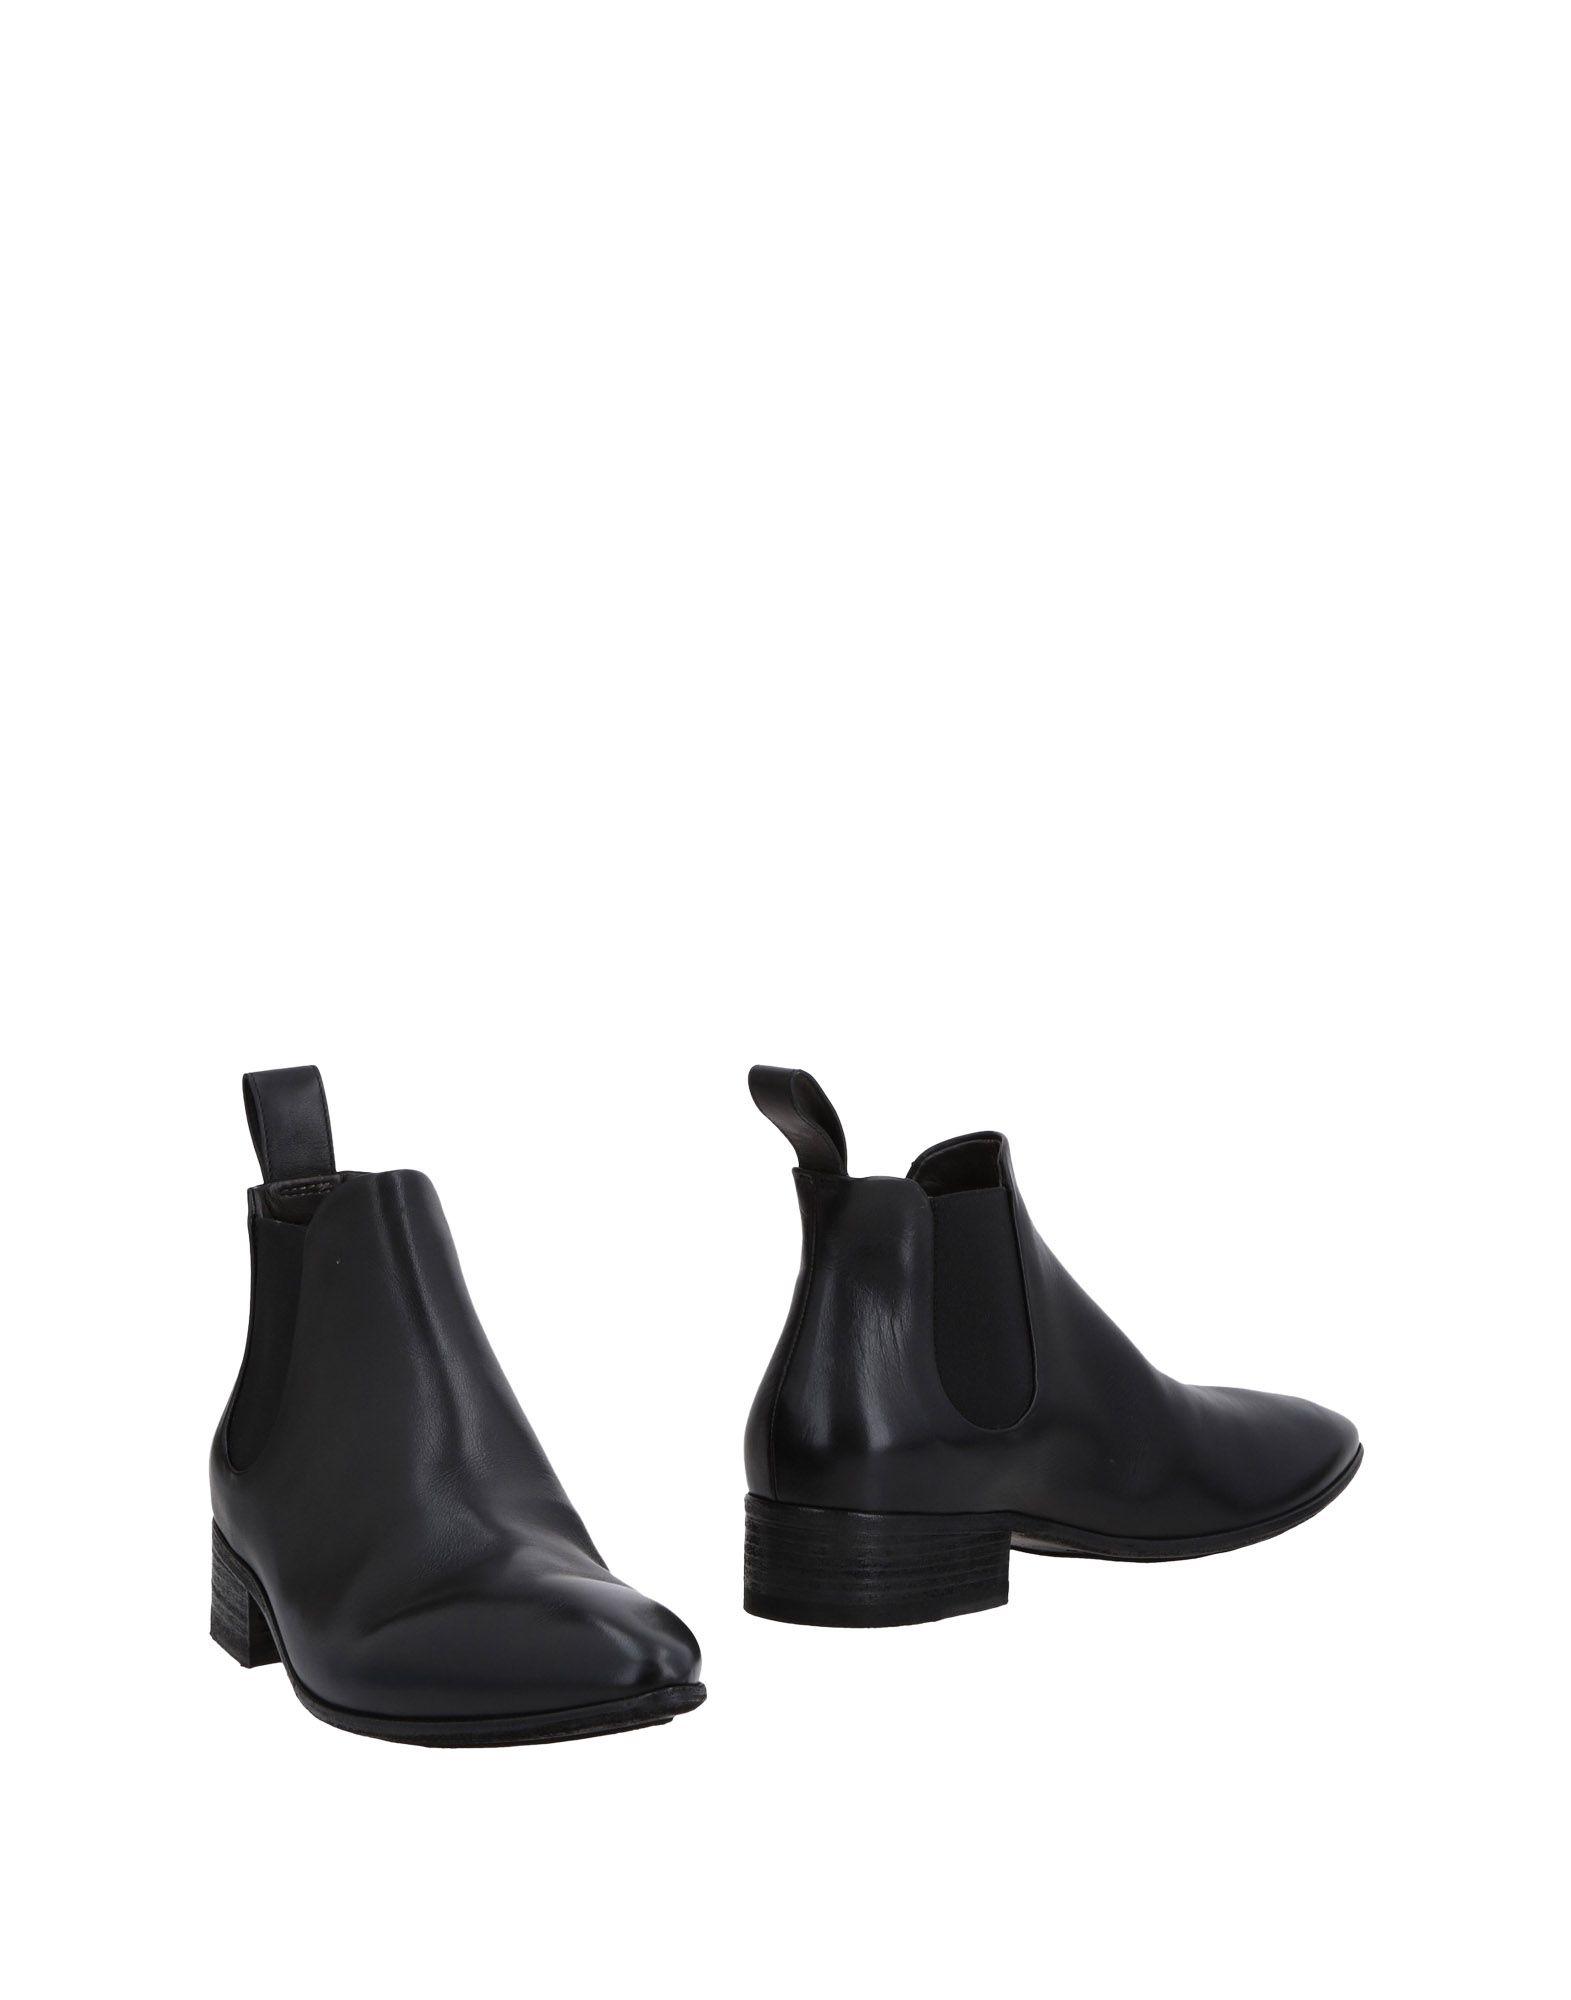 Marsèll Gute Stiefelette Herren  11480061VF Gute Marsèll Qualität beliebte Schuhe 903c9d